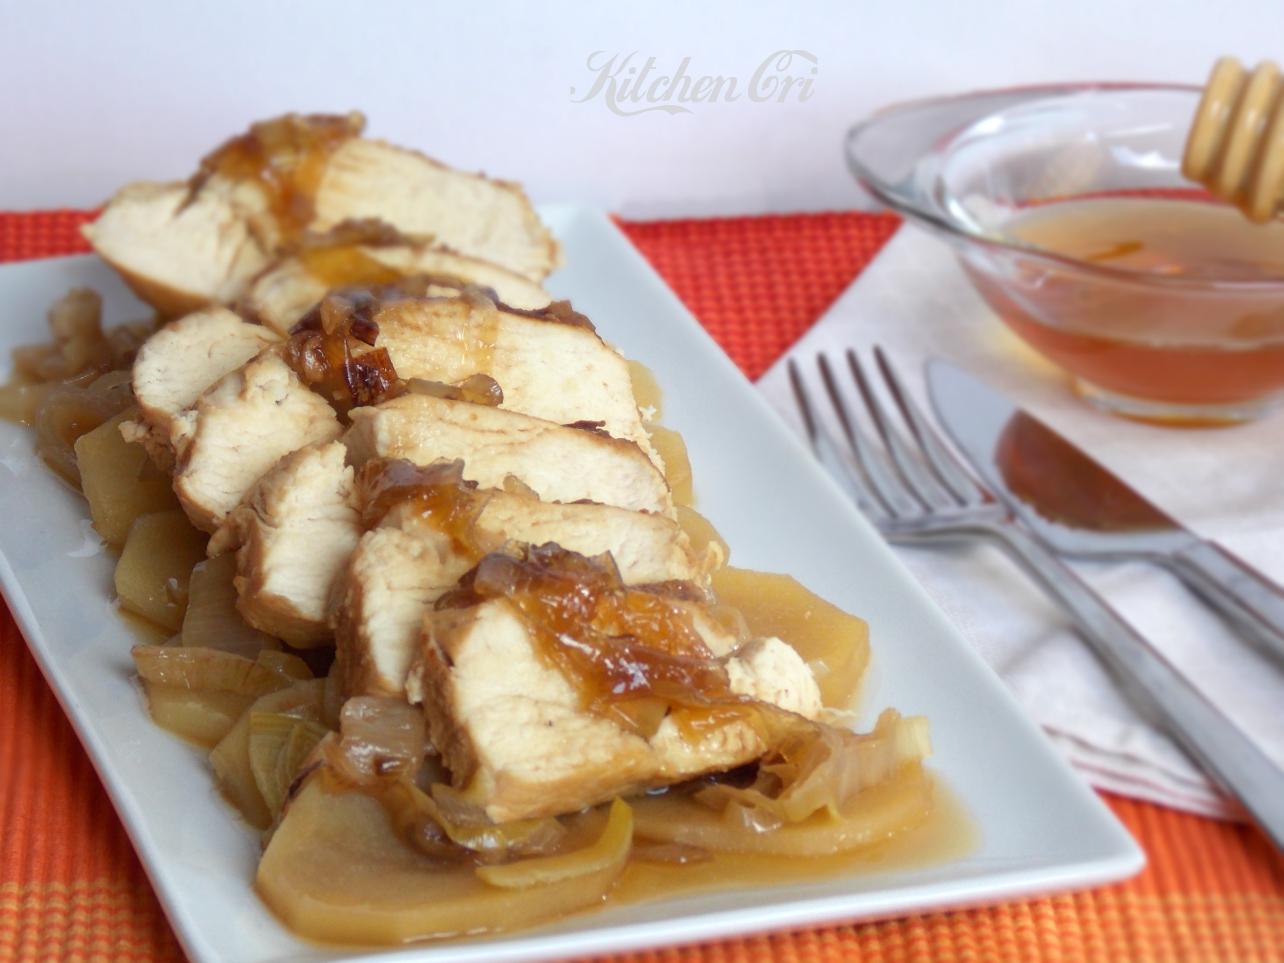 Tagliata di pollo con salsa al miele